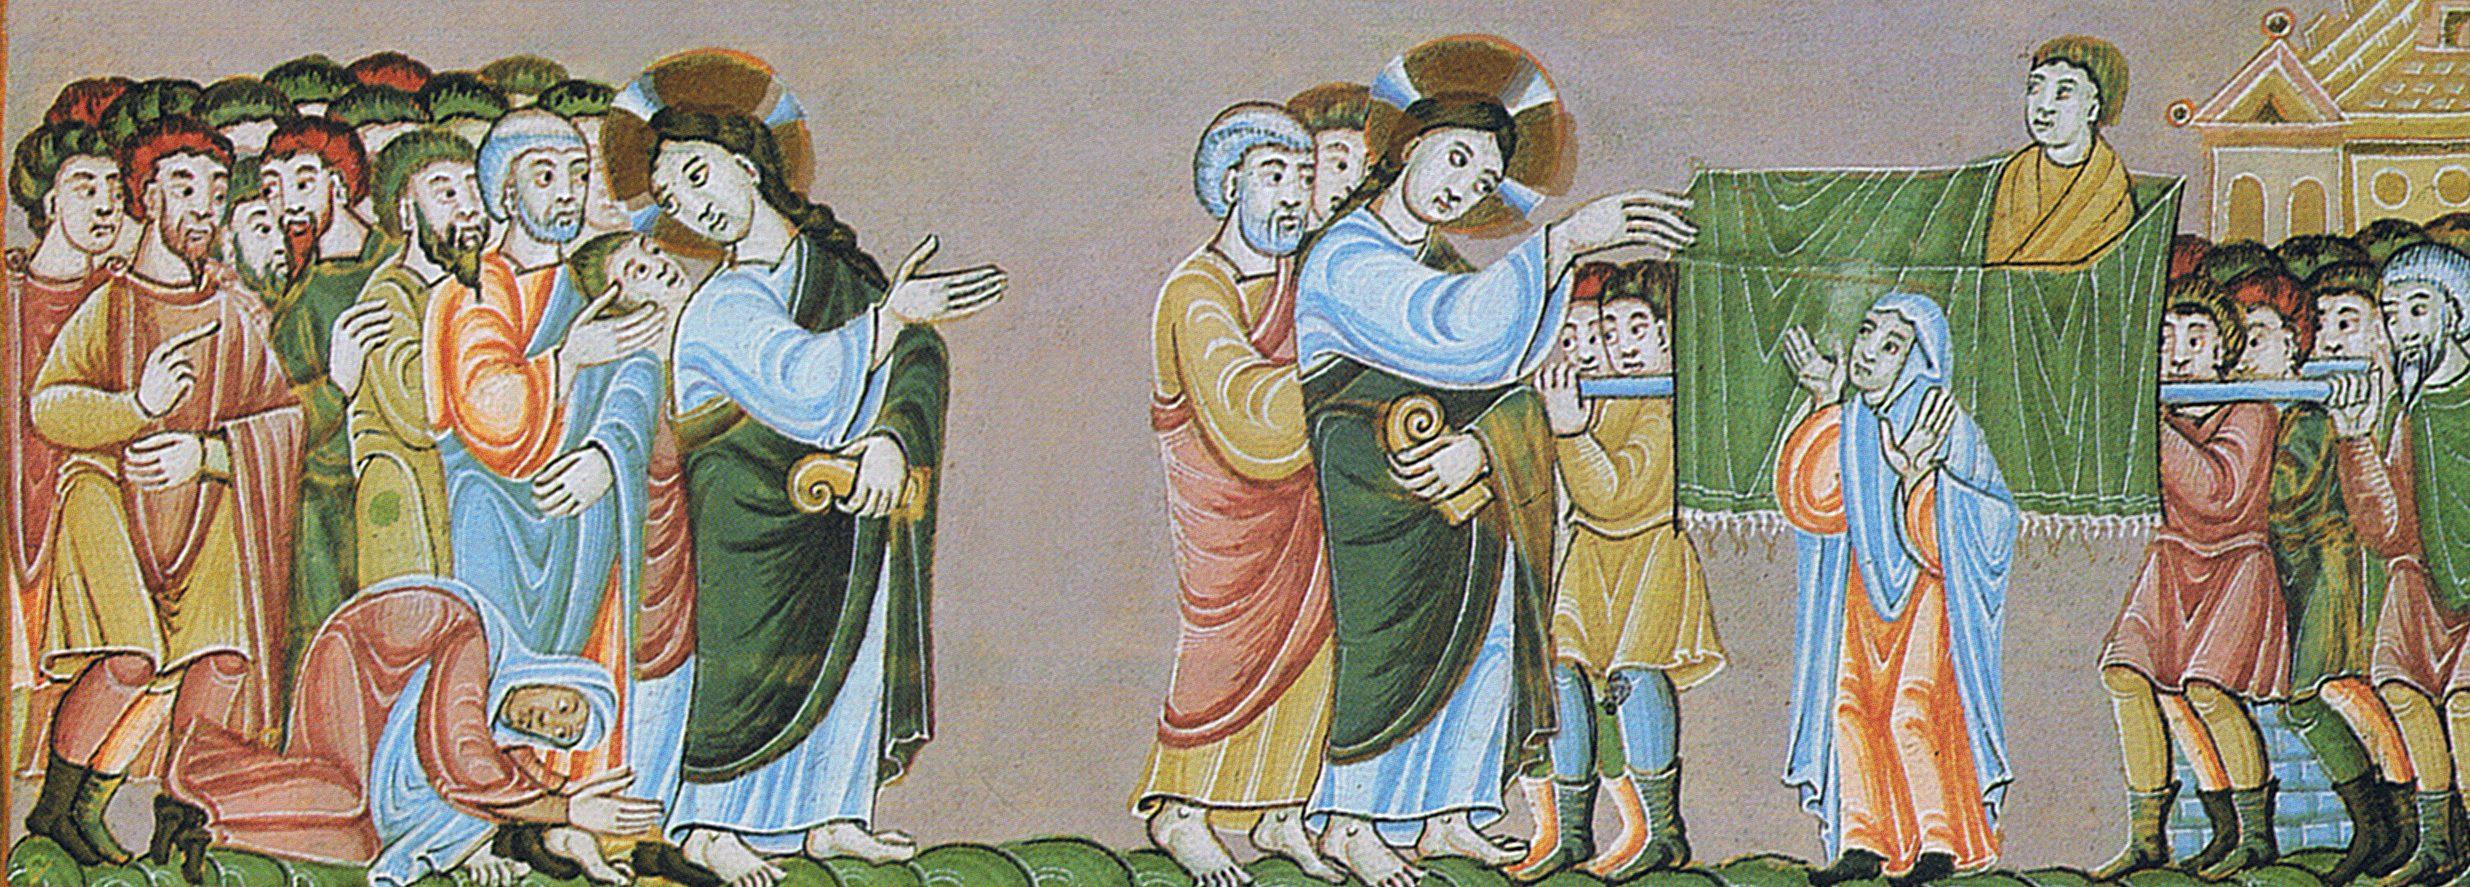 Jesús y las mujeres, según el evangelio de Lucas